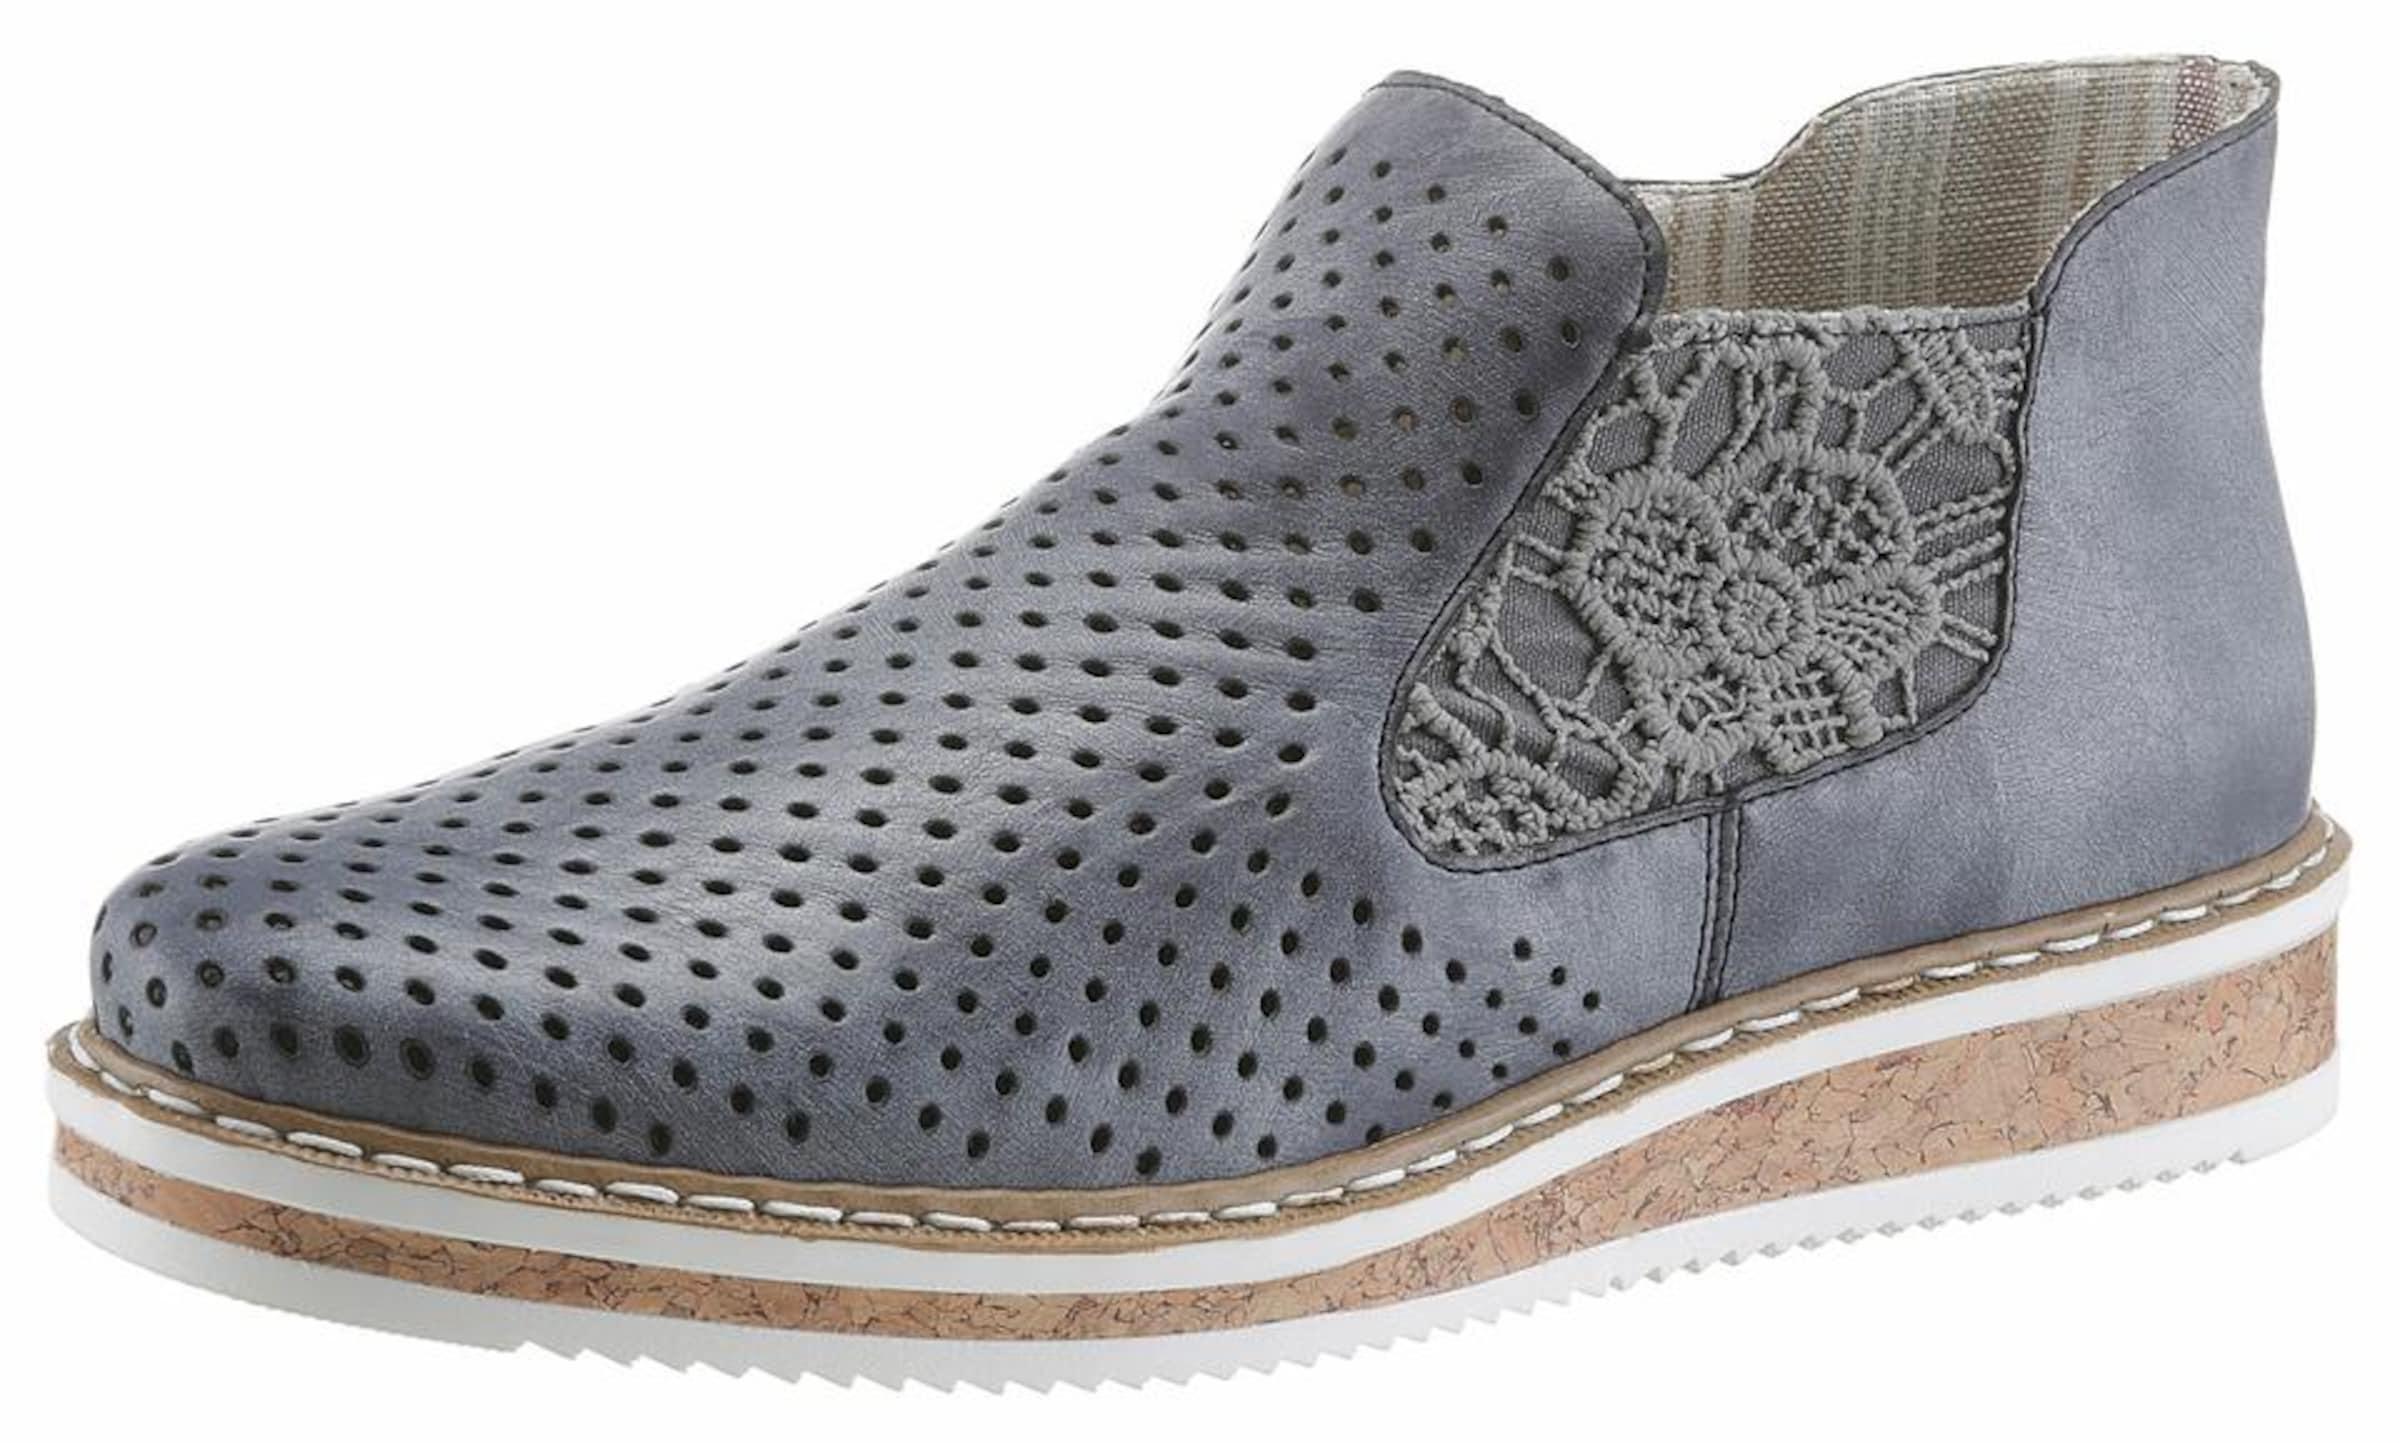 Haltbare Mode Schuhe billige Schuhe RIEKER | Chelseaboots Schuhe Mode Gut getragene Schuhe 18bf06